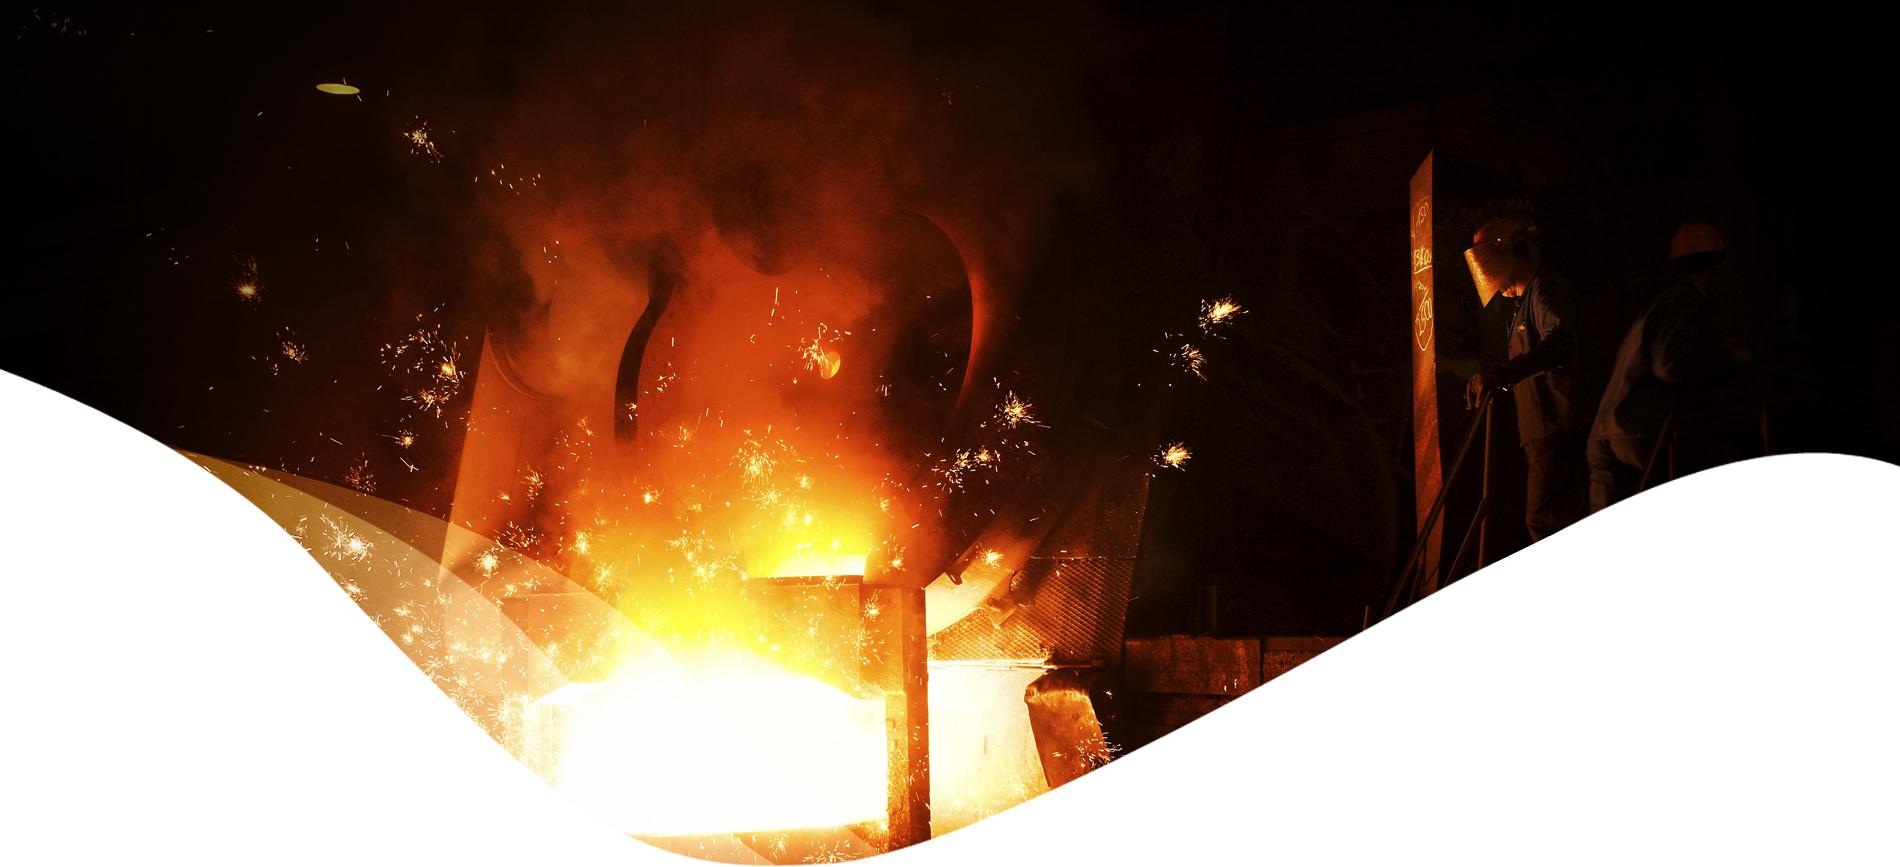 Estufas hogares y chimeneas de hierro fundido para le a y - Chimeneas de hierro fundido ...